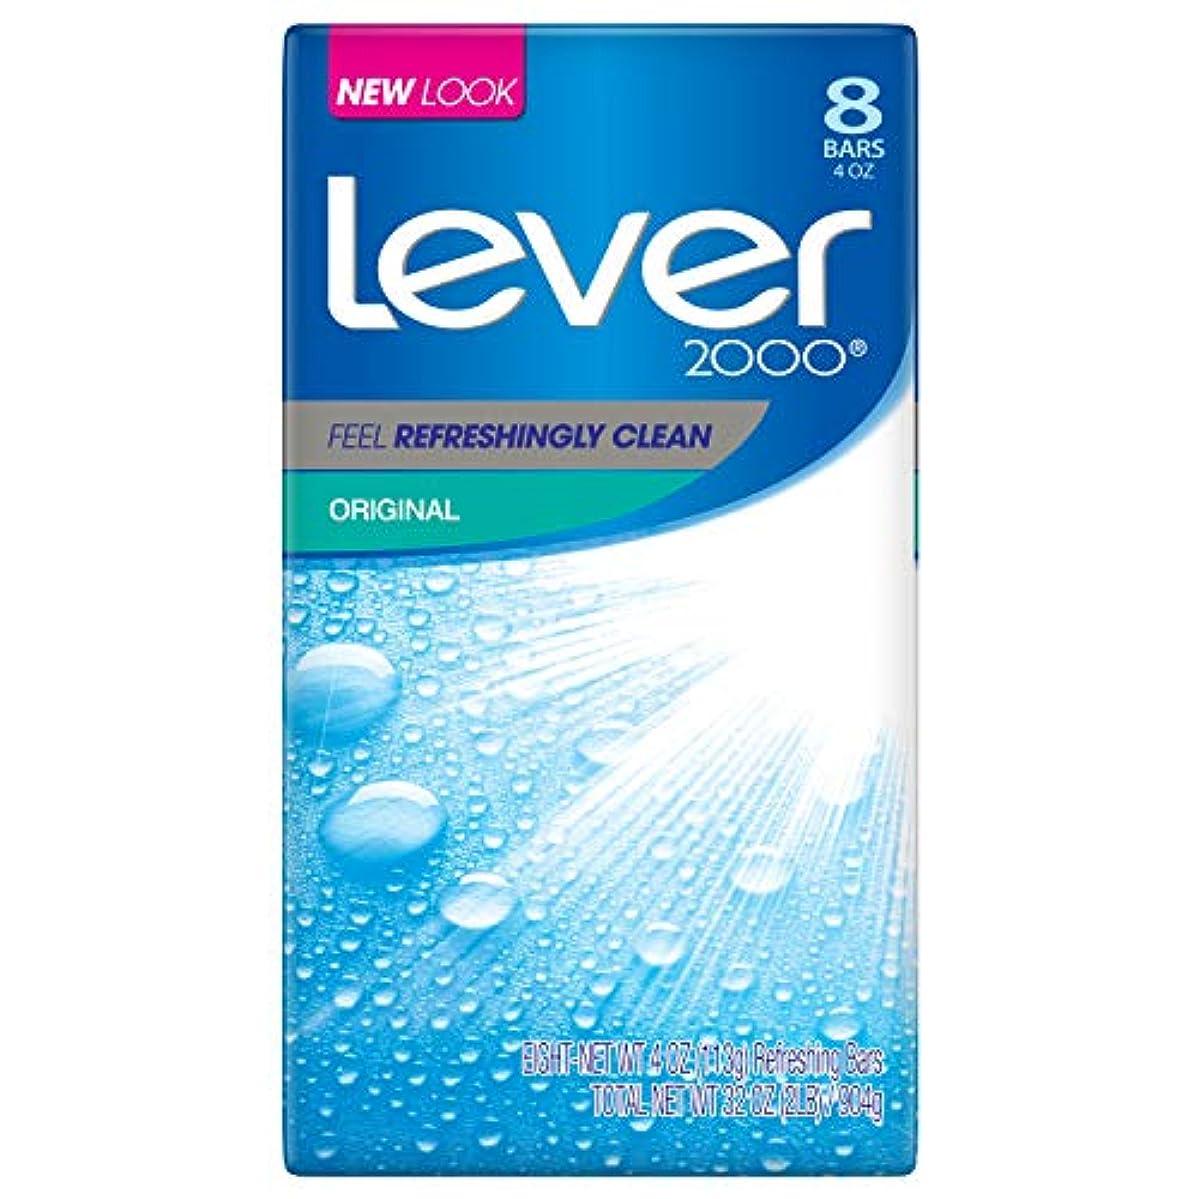 望まないフィードオン致命的なLever 2000 石鹸、オリジナル4オズ、8バー